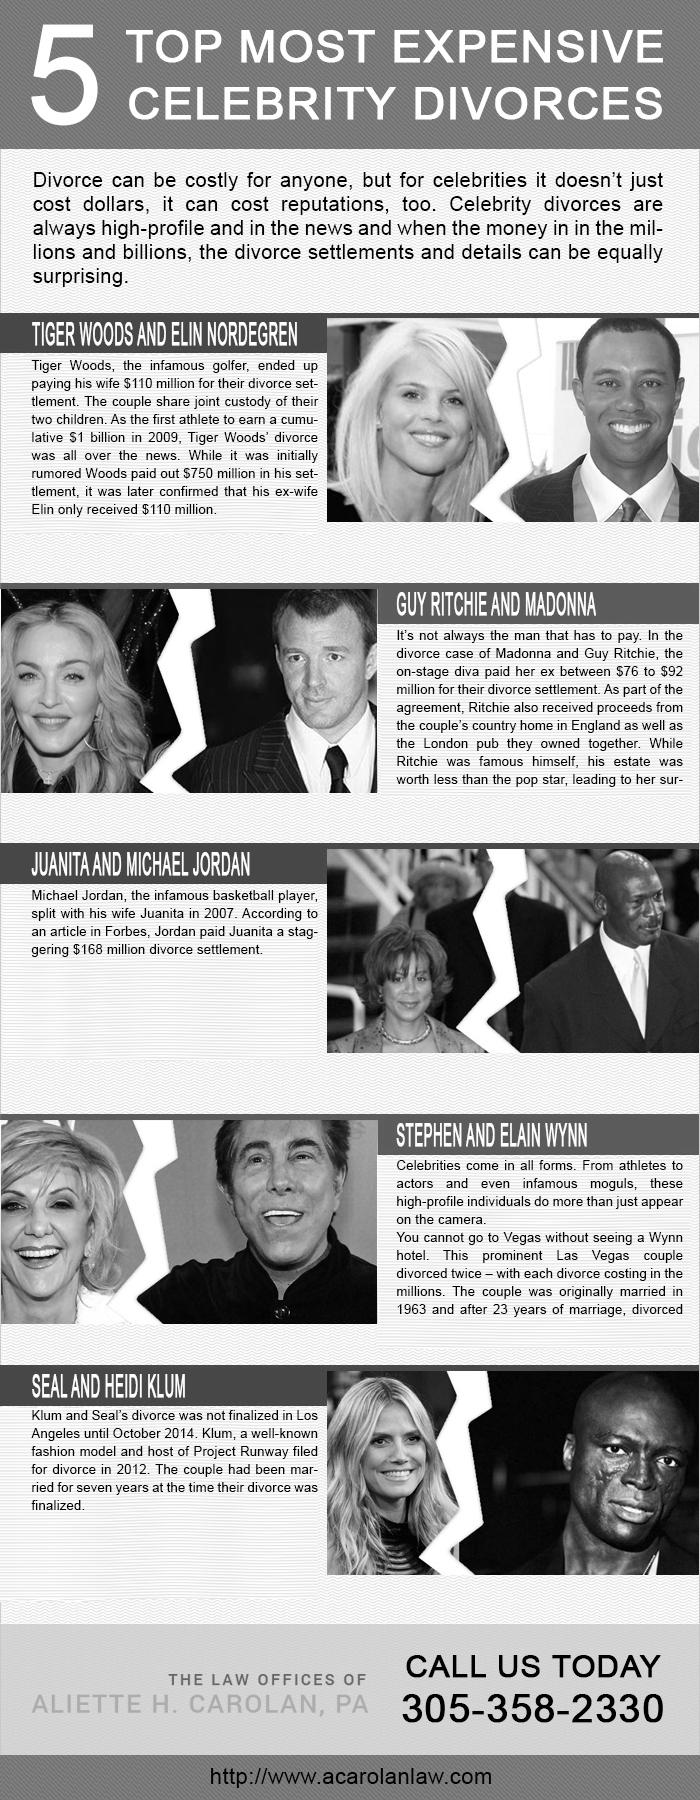 Celebrity Divorces